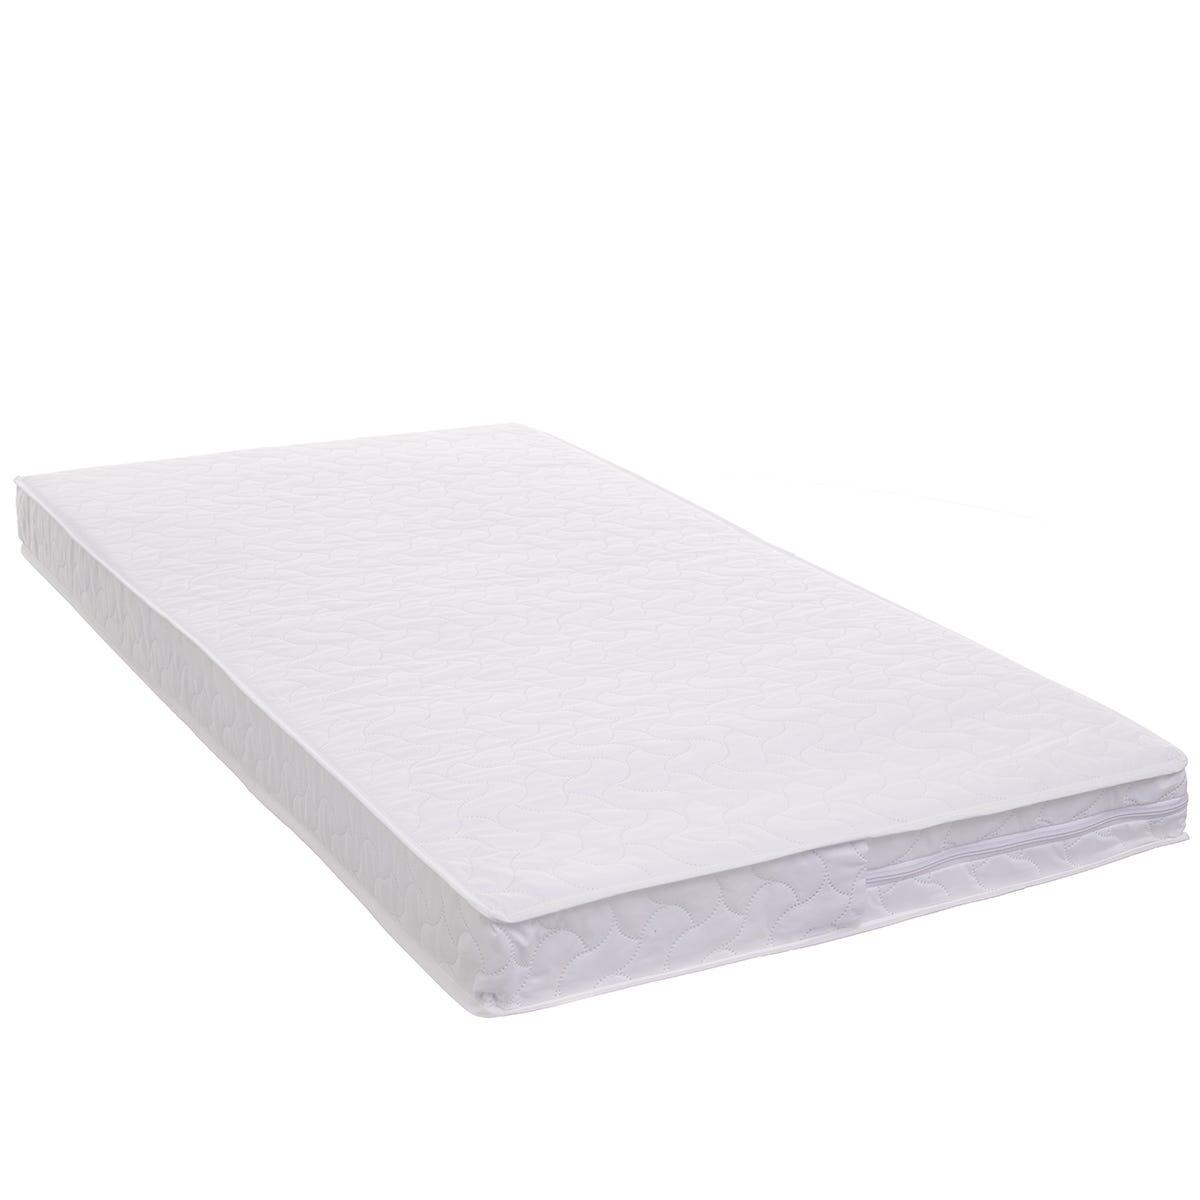 Obaby Pocket Sprung 140 X 70 Cot Bed Mattress